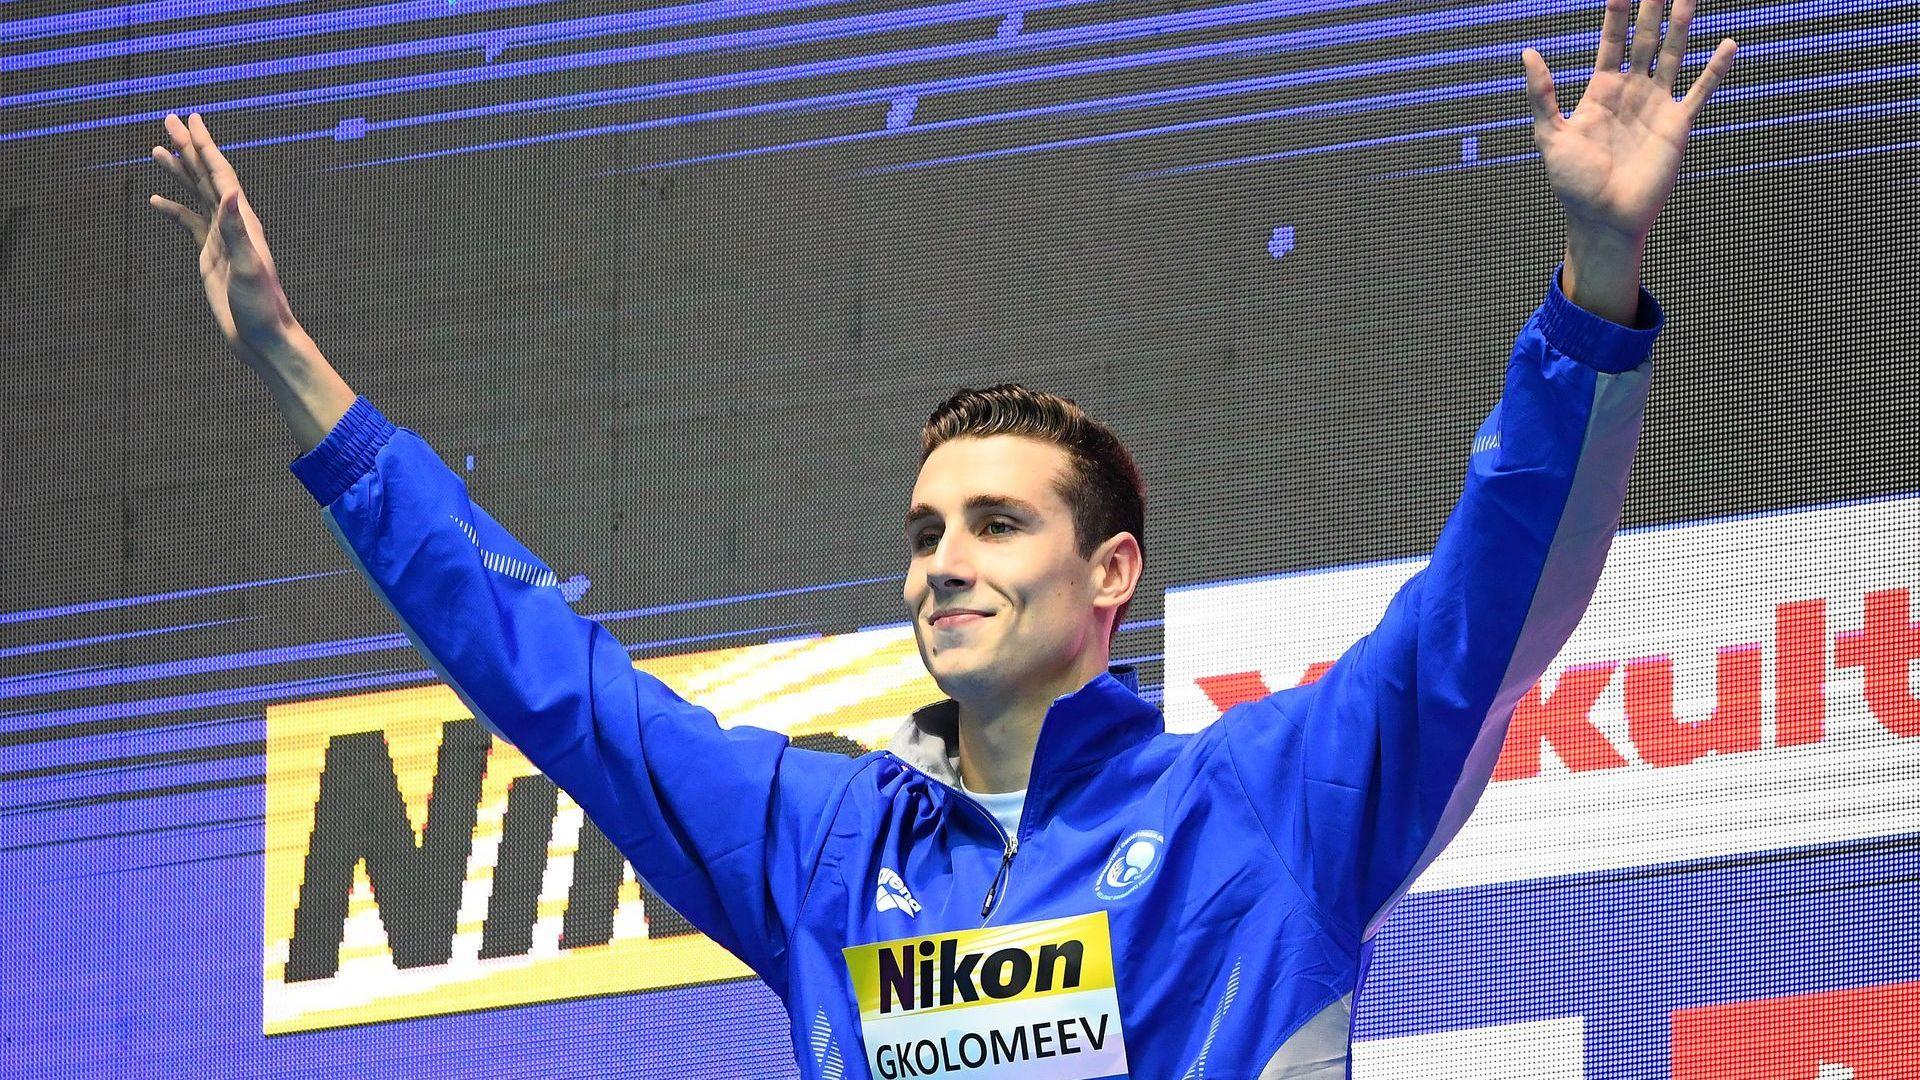 Българин със световно сребро в най-бързата плувна дисциплина